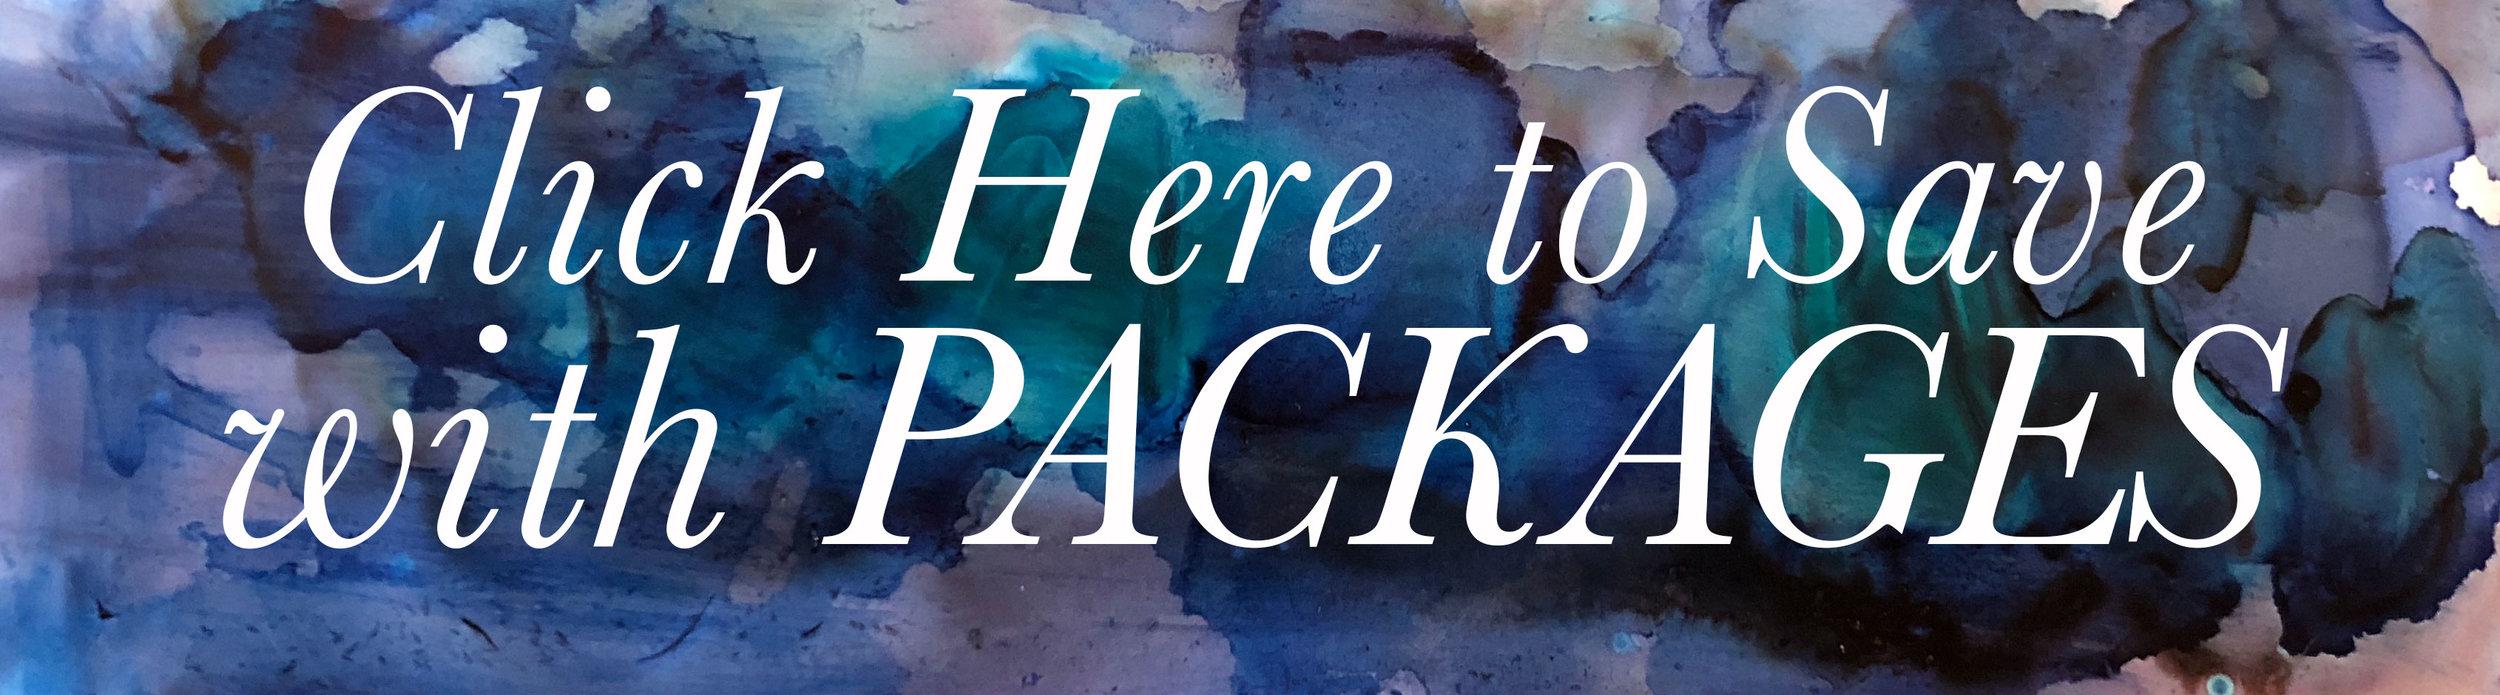 darlene-packages.jpg